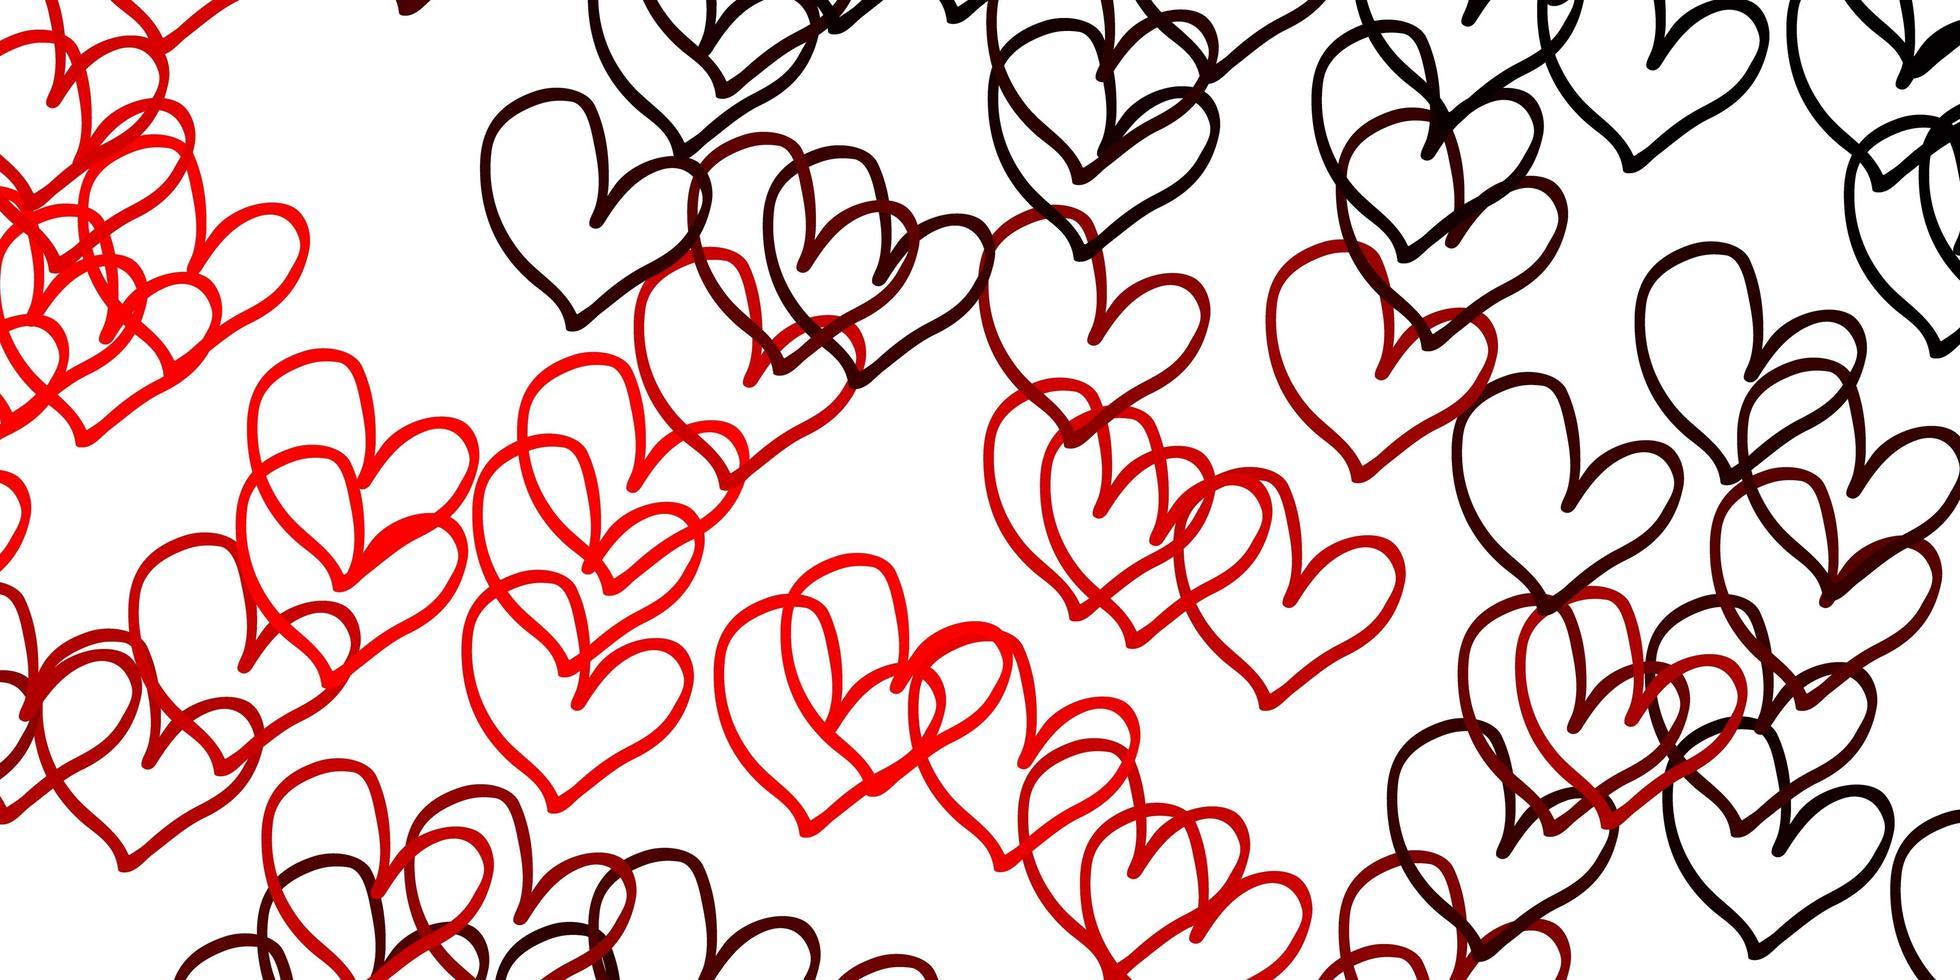 hellrotes Vektormuster mit bunten Herzen. vektor